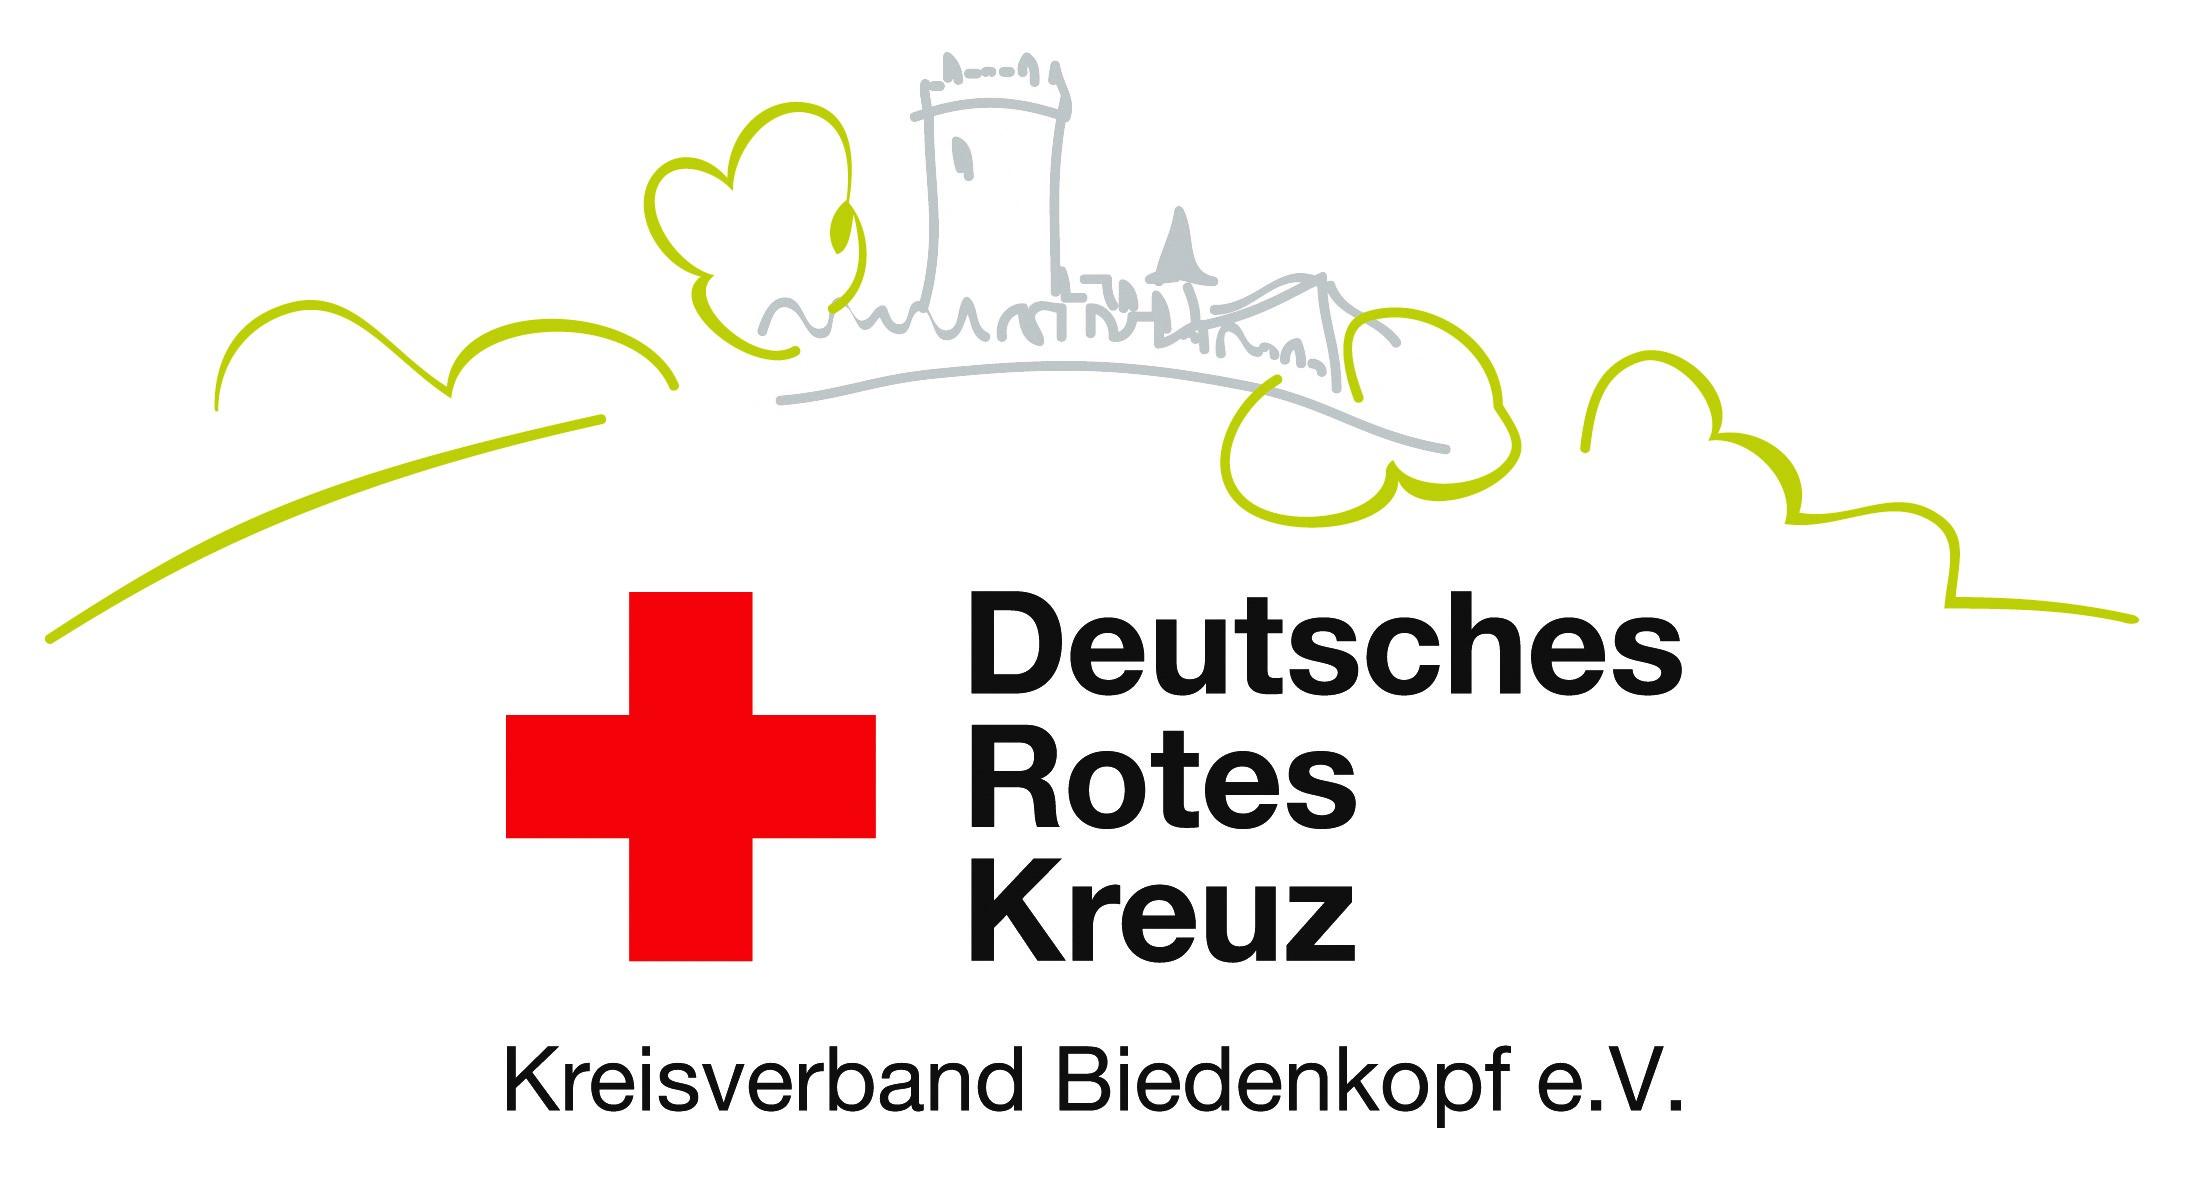 2020-07-30_5f22b78671a1d_LogoDRKKreisverbandBiedenkopf